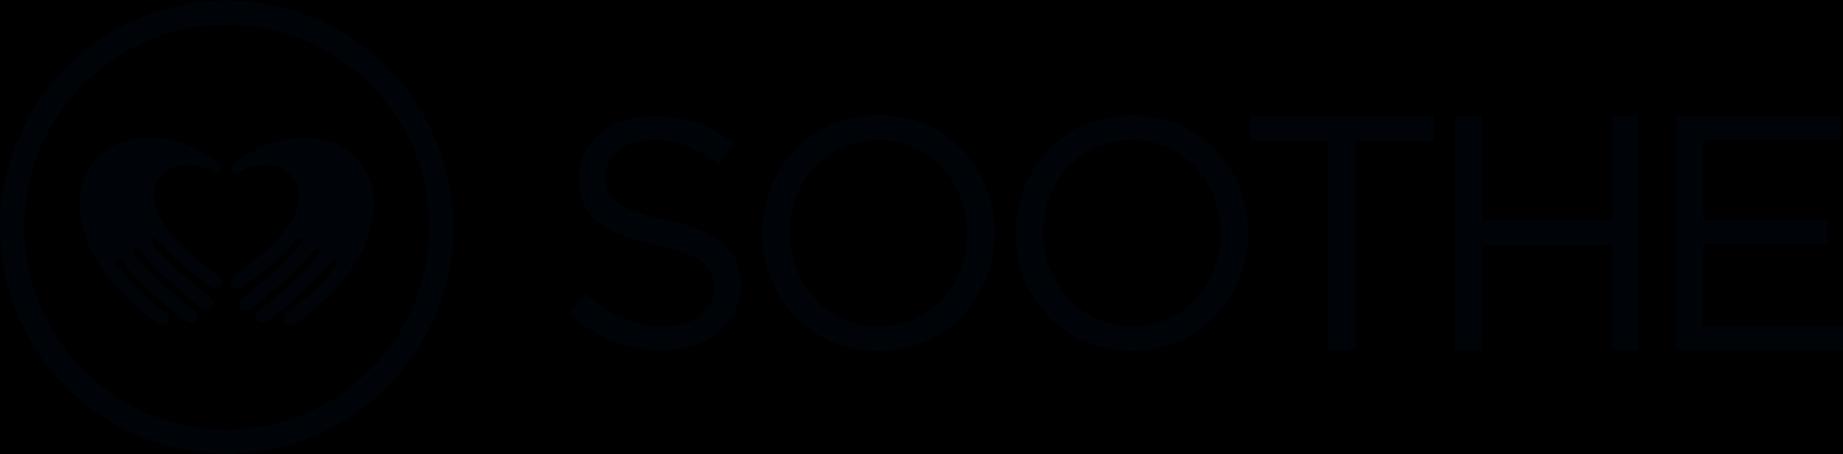 Soothe Logo - Hertz